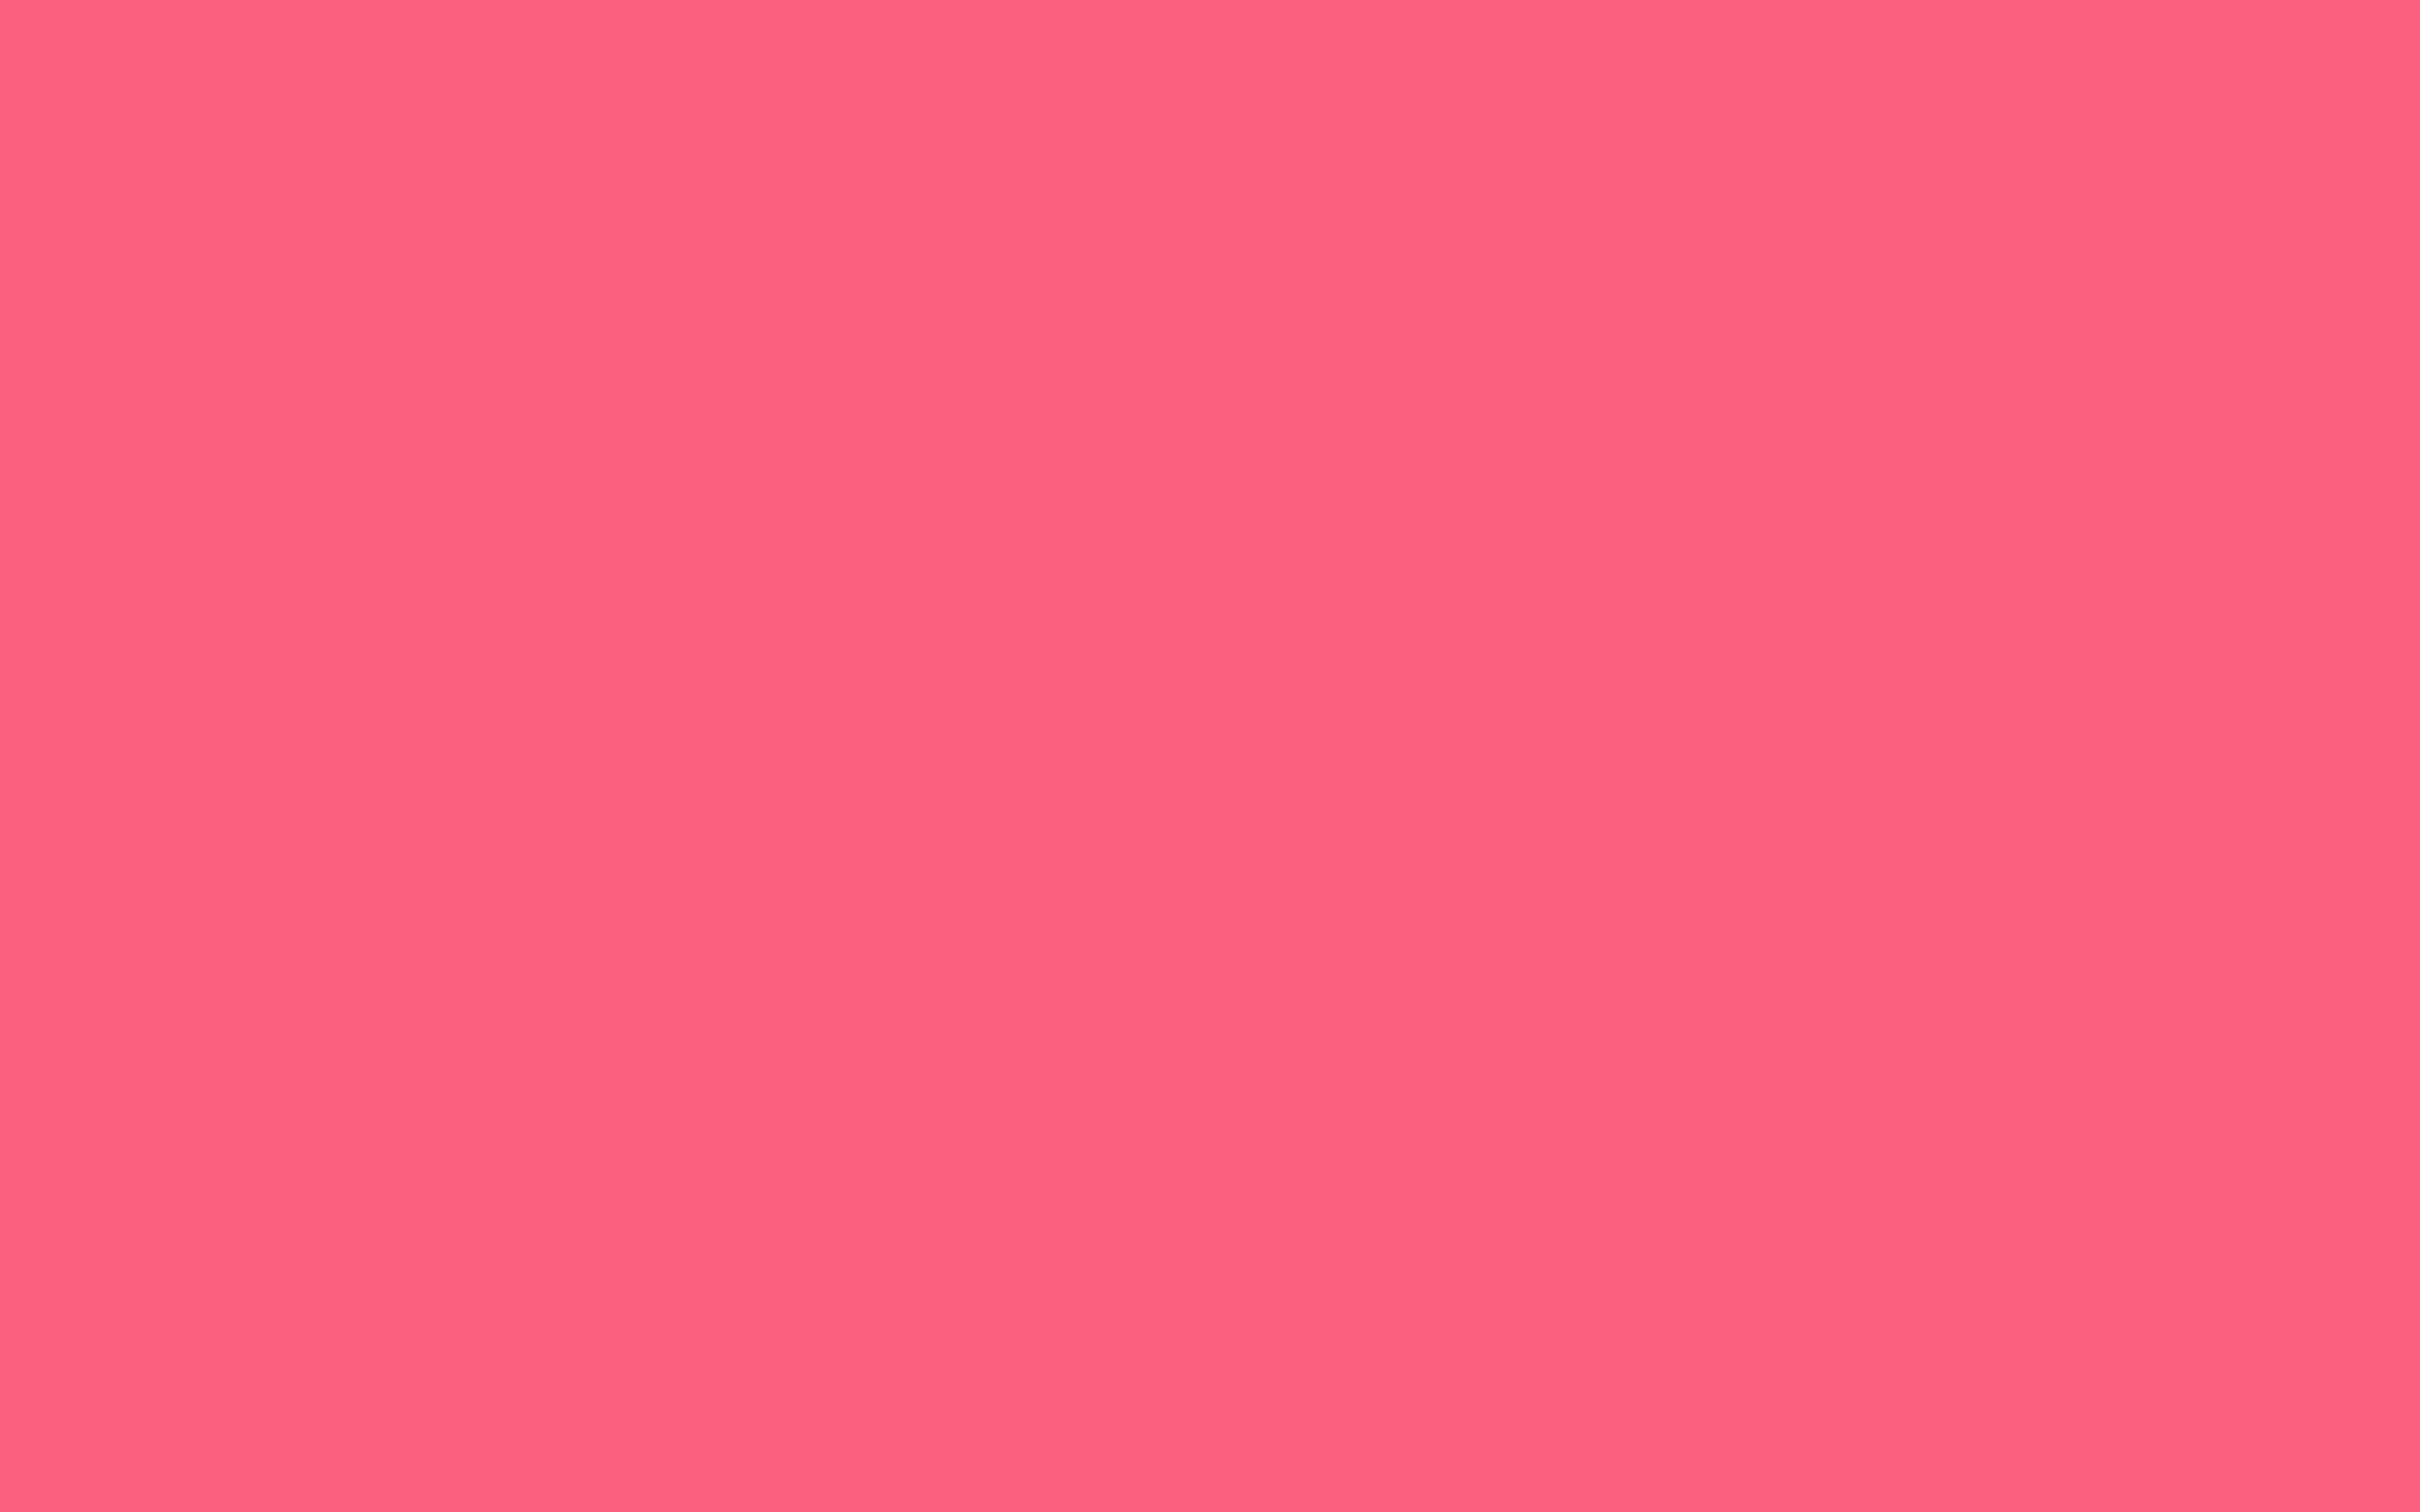 2560x1600 Brink Pink Solid Color Background